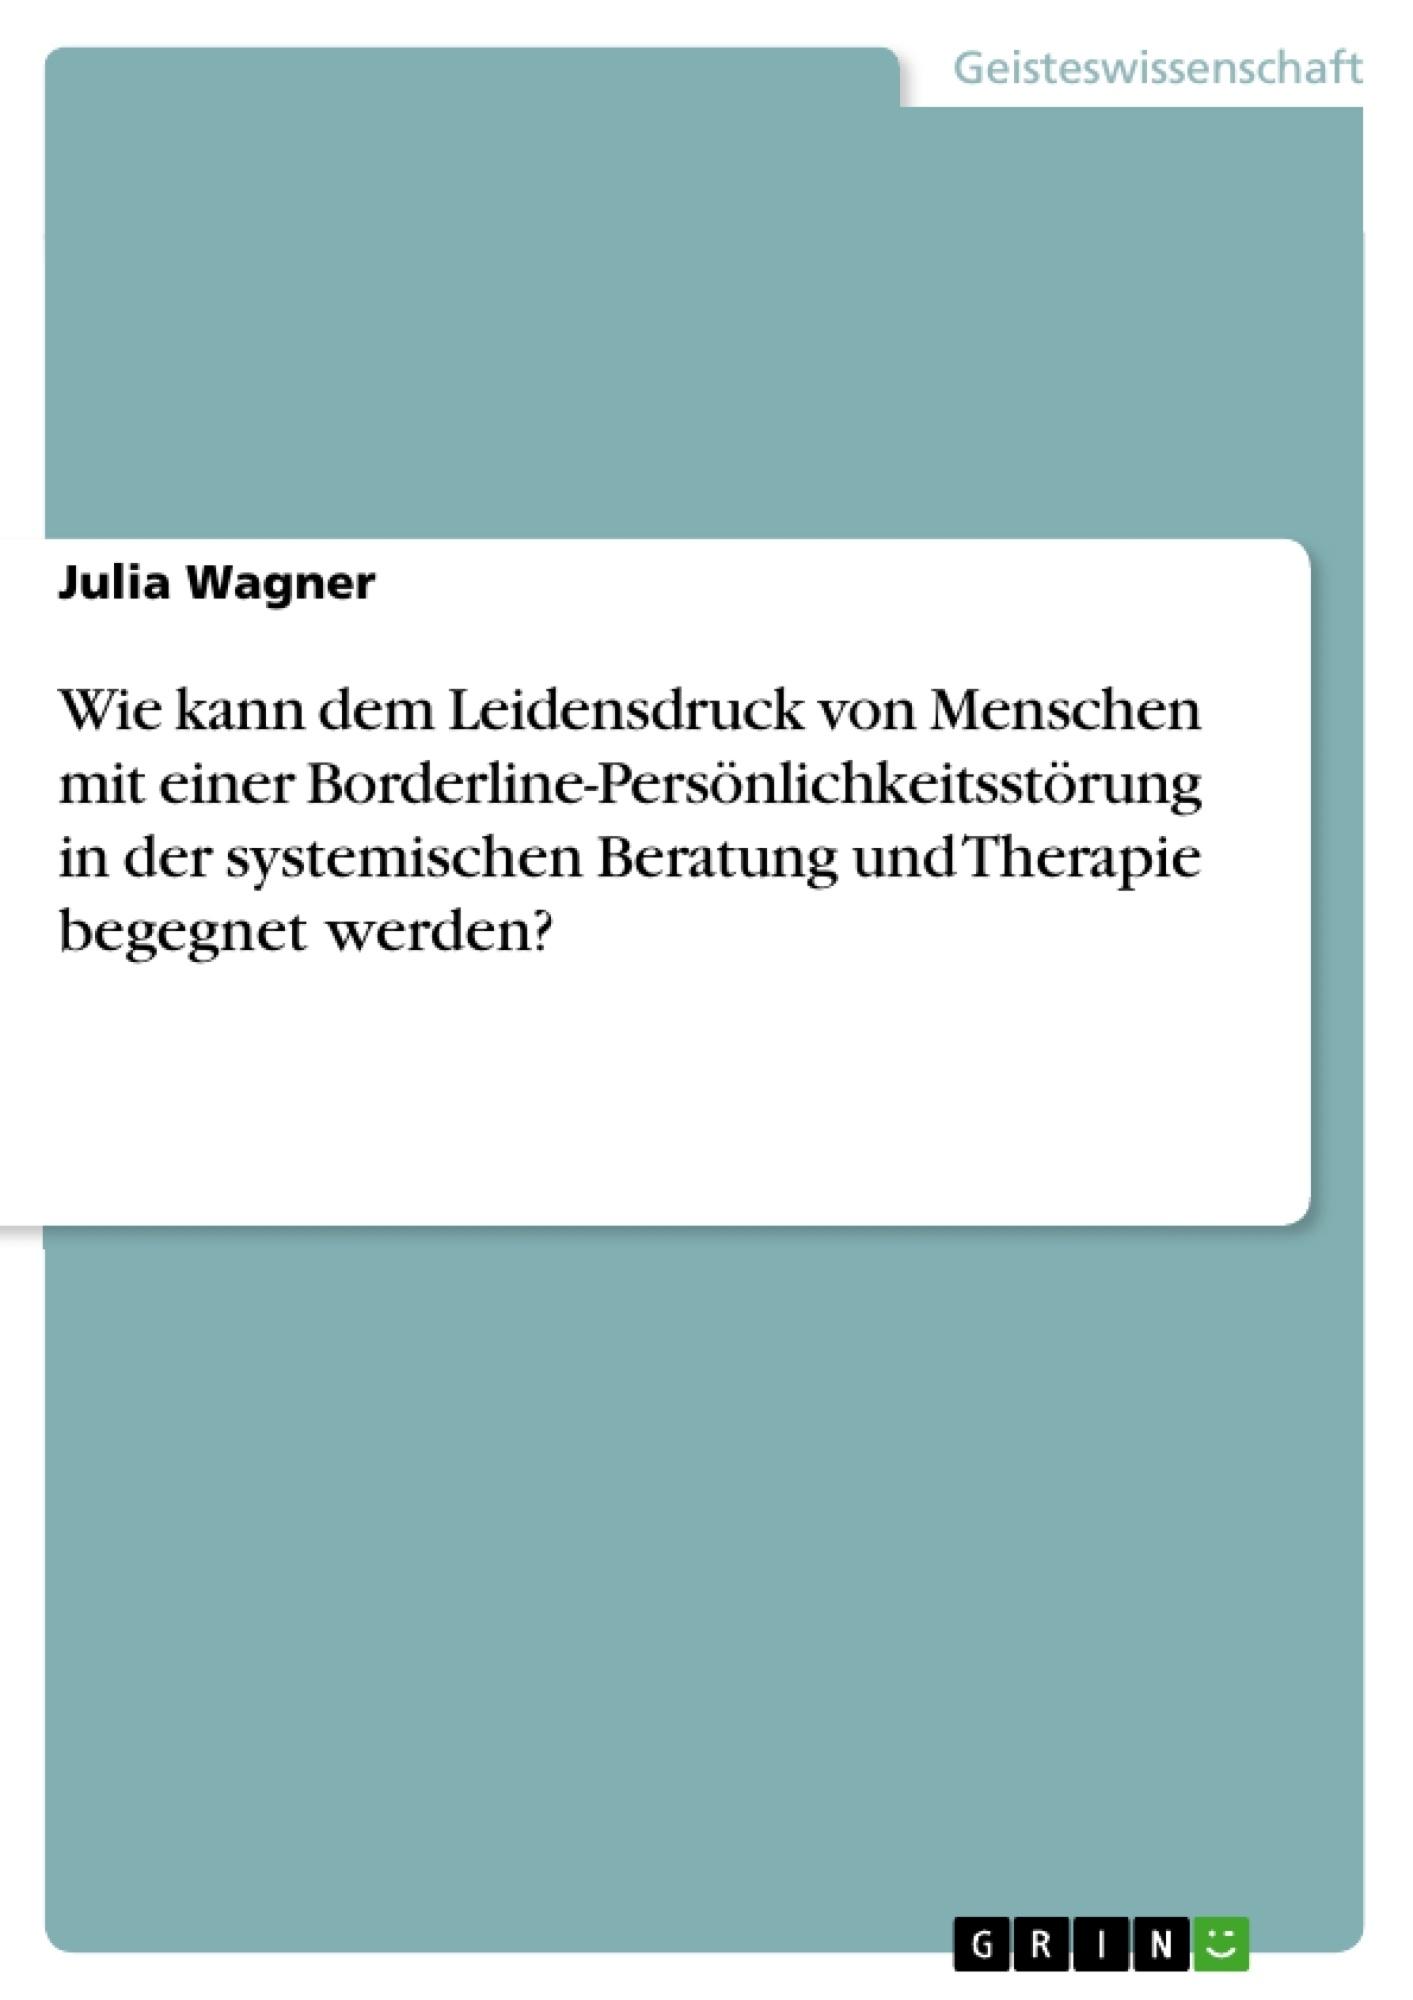 Titel: Wie kann dem Leidensdruck von Menschen mit einer Borderline-Persönlichkeitsstörung in der systemischen Beratung und Therapie begegnet werden?